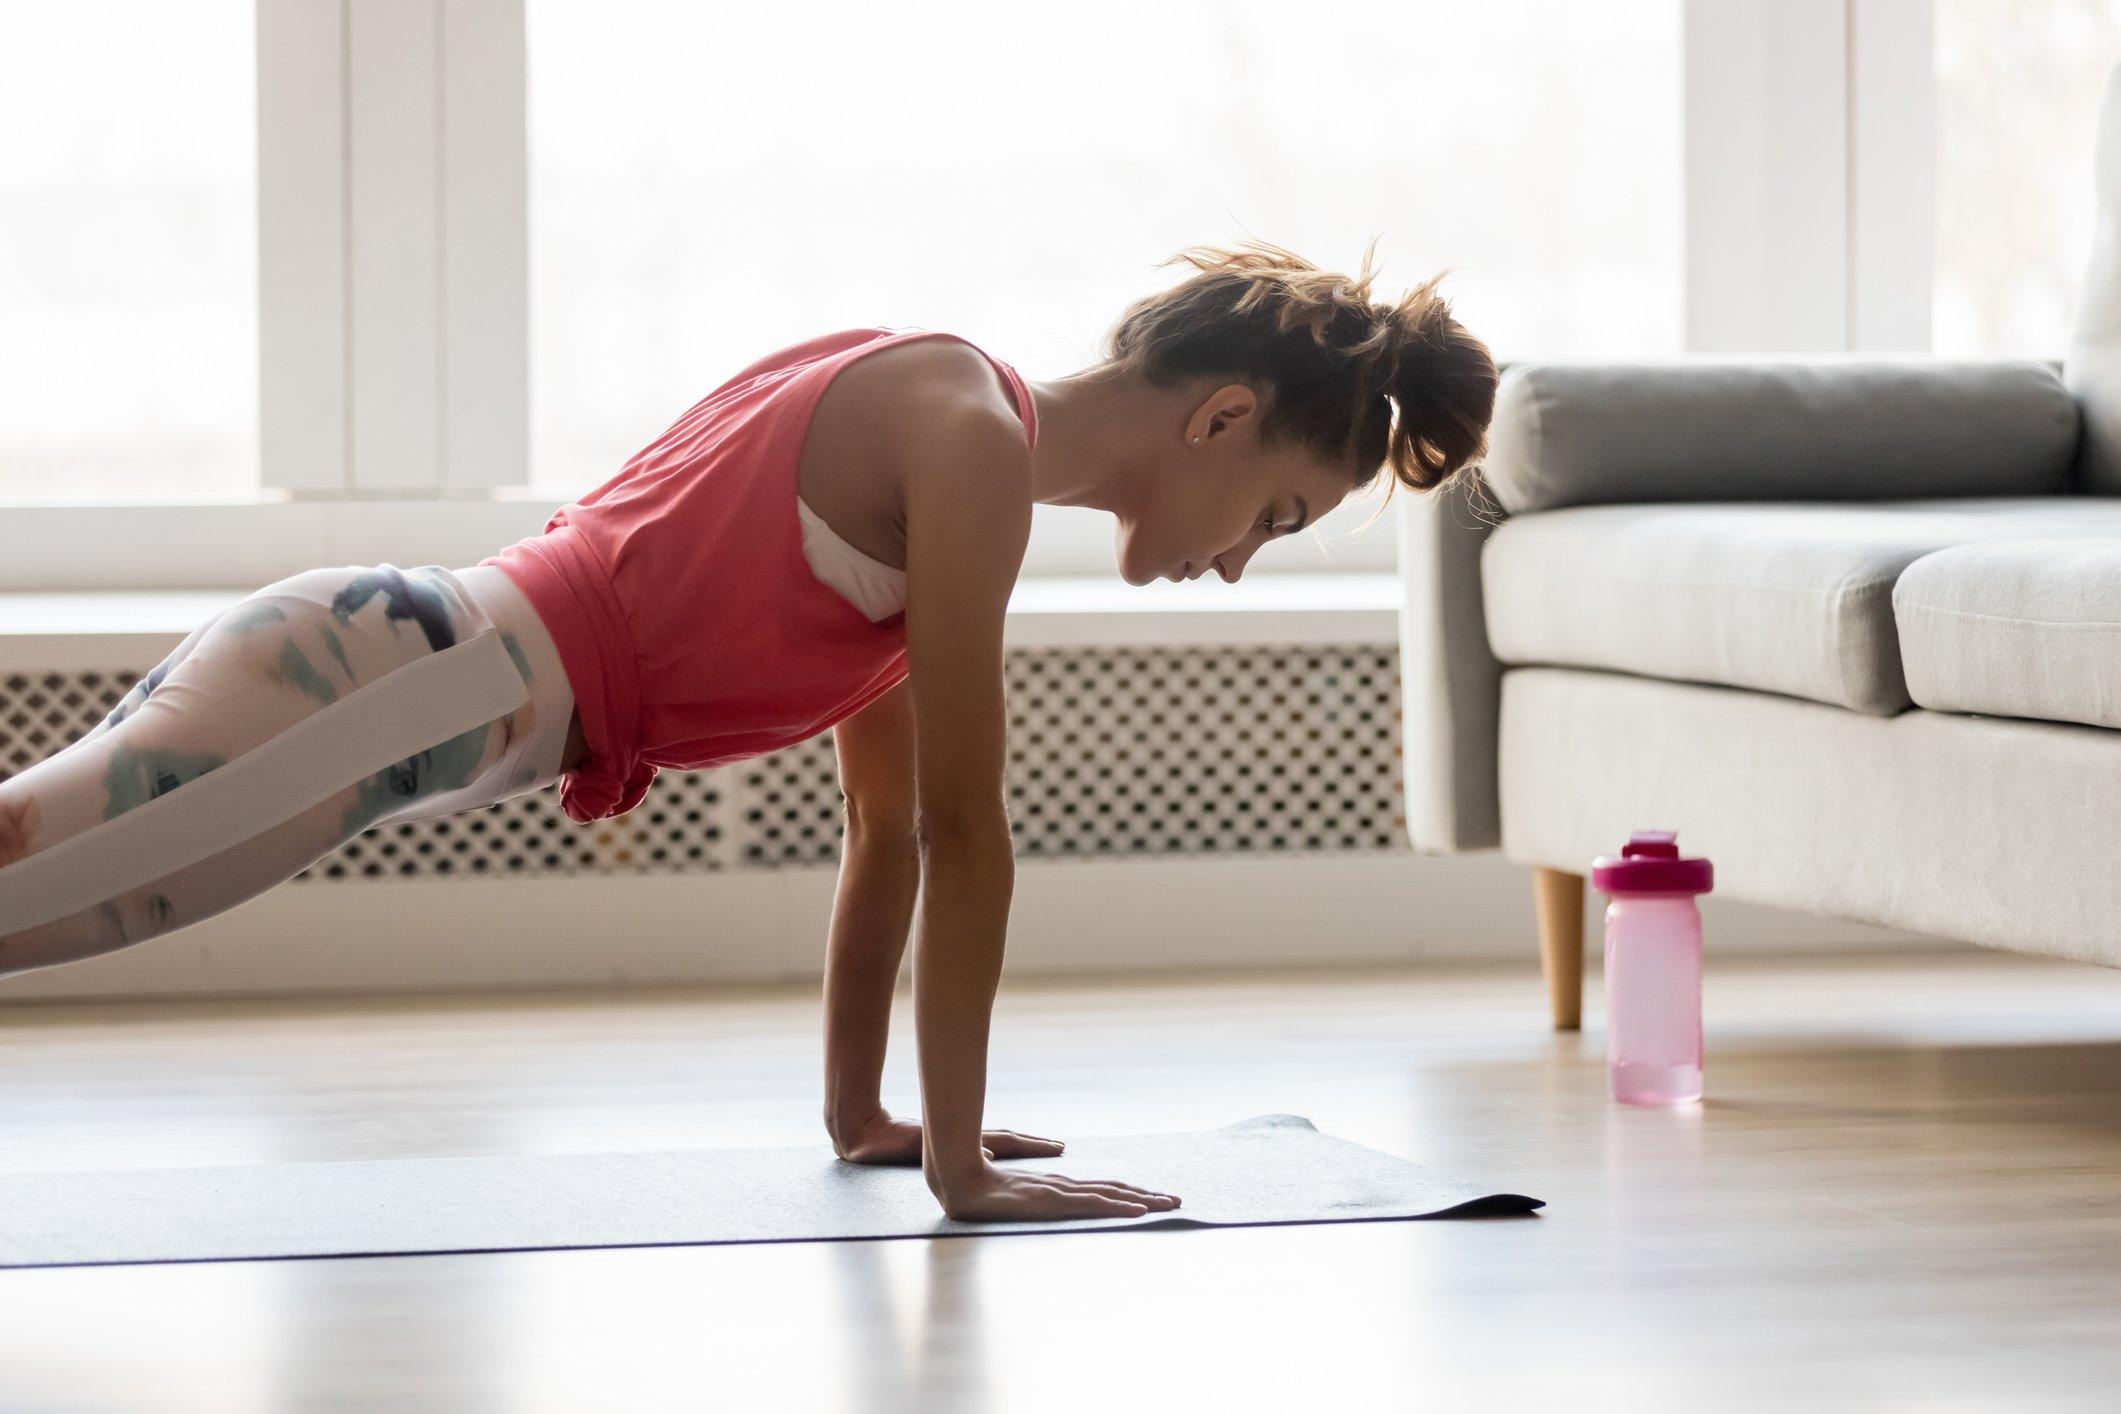 phương pháp giảm cân keto giúp tăng cường sức khỏe thể chất